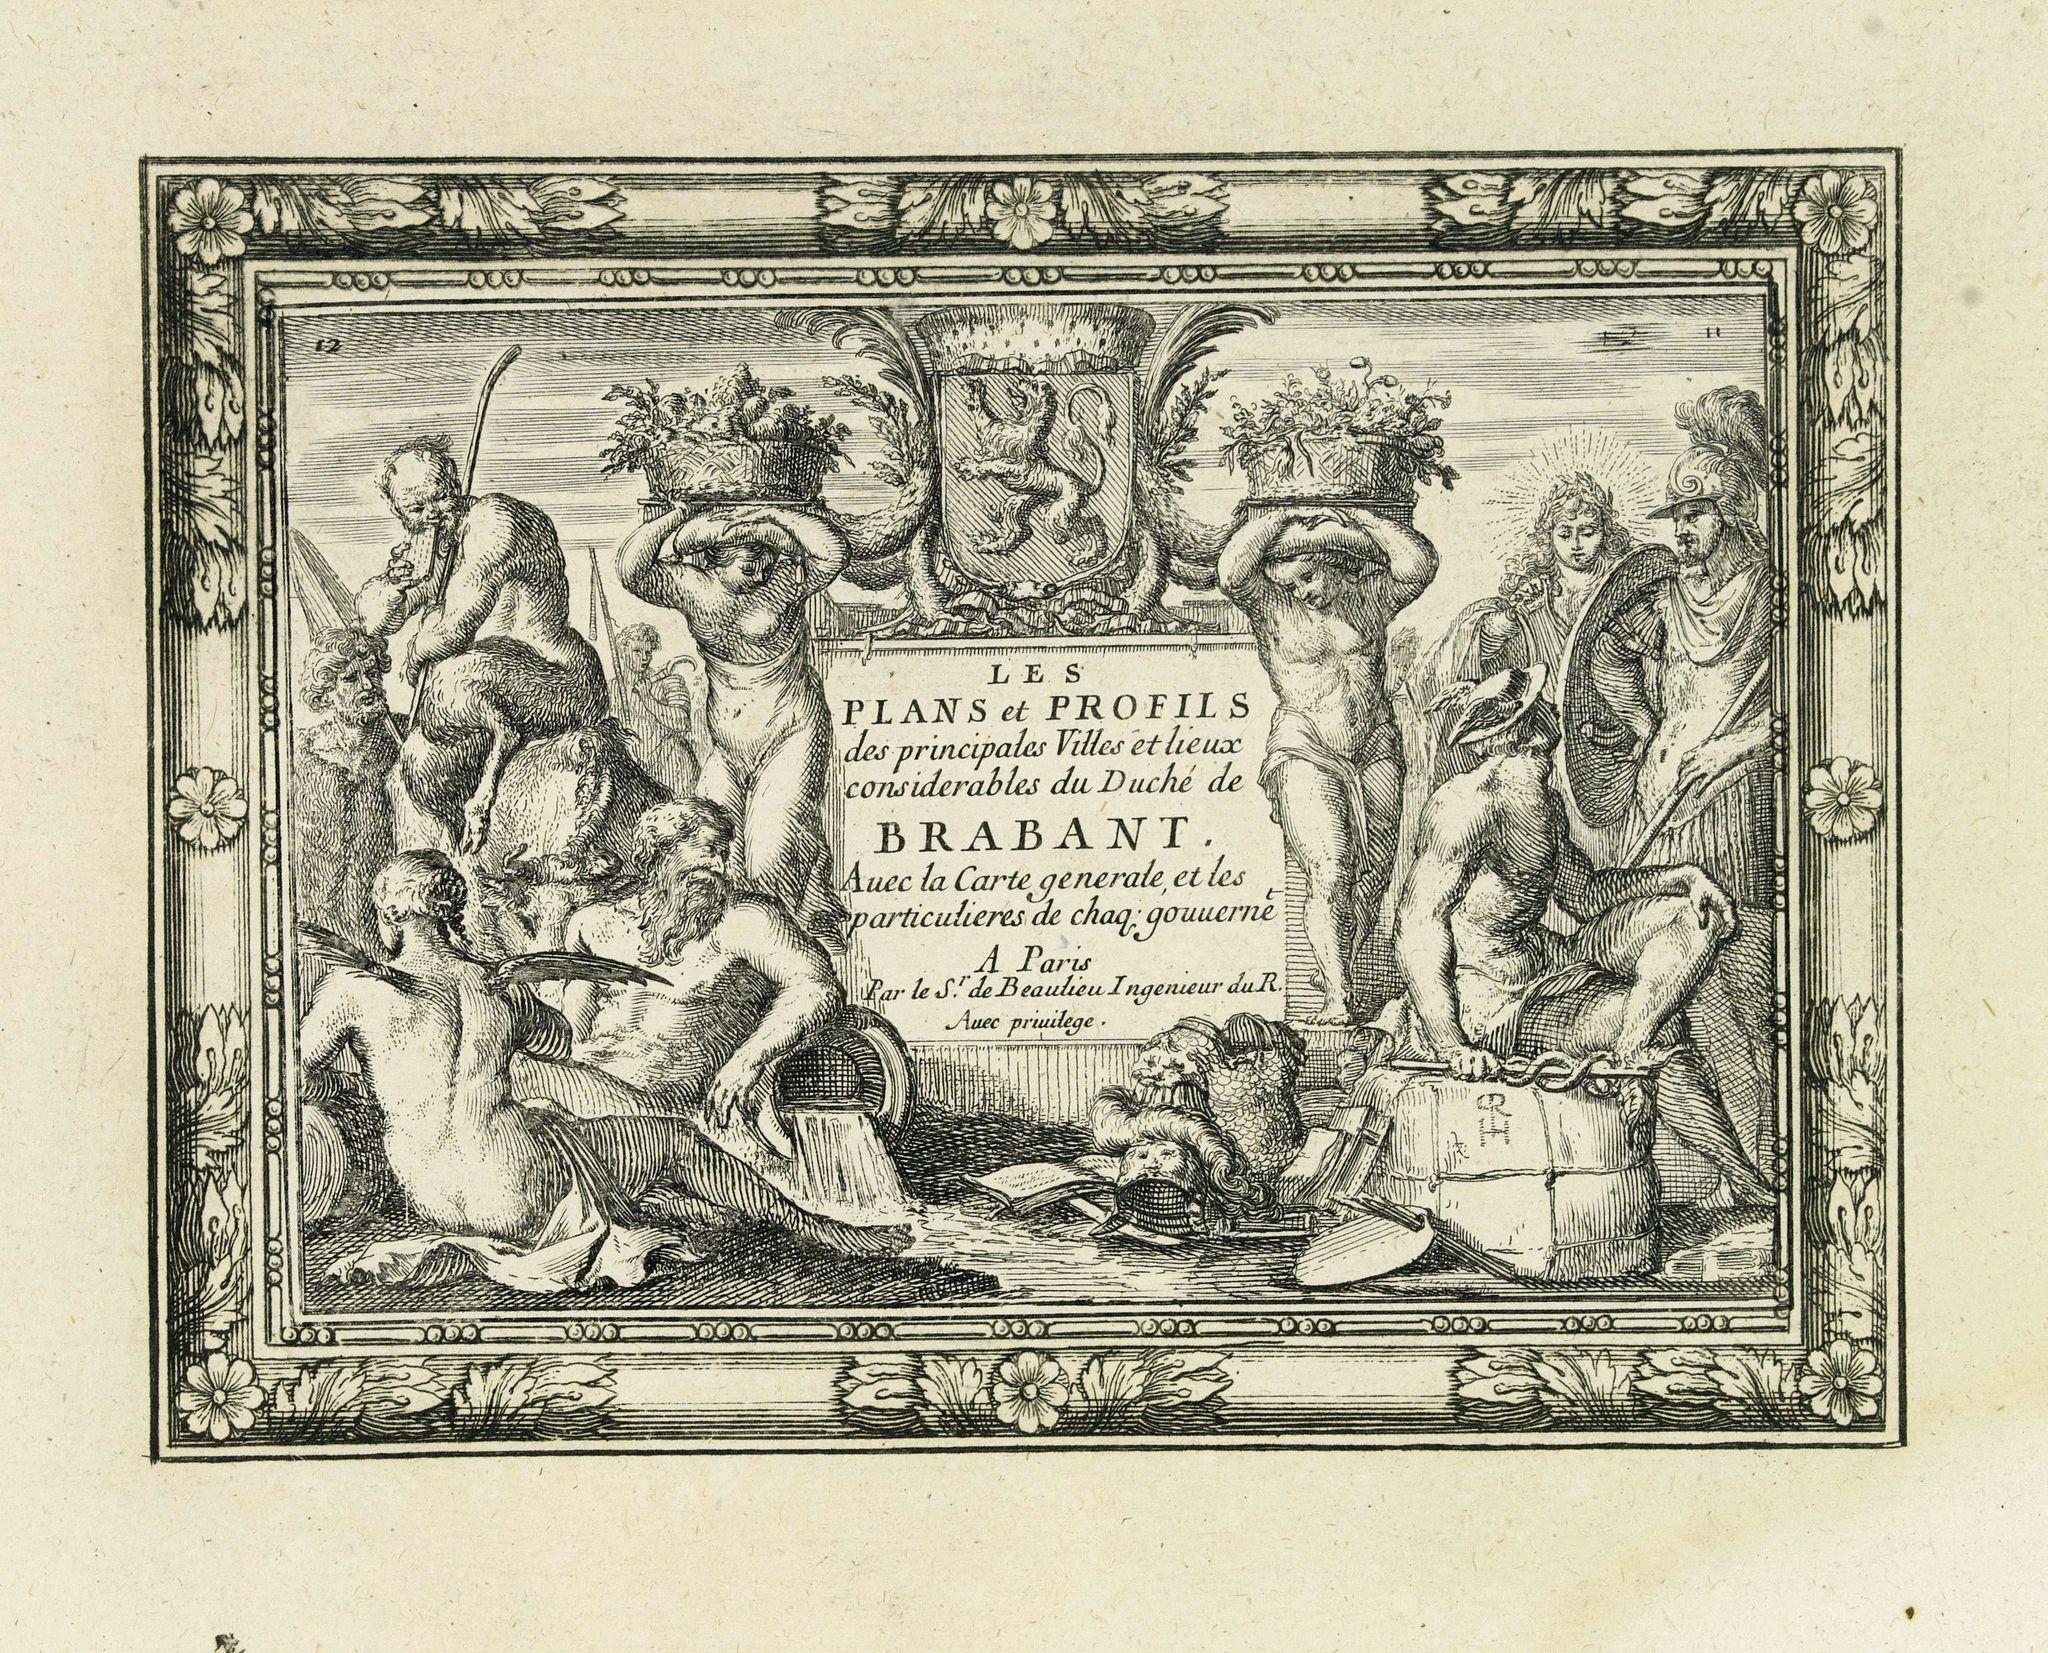 DE BEAULIEU, Ch. -  [Title page] Les Plans et Profils des principales Villes et lieux considérables Du Duché de Brabant. . .